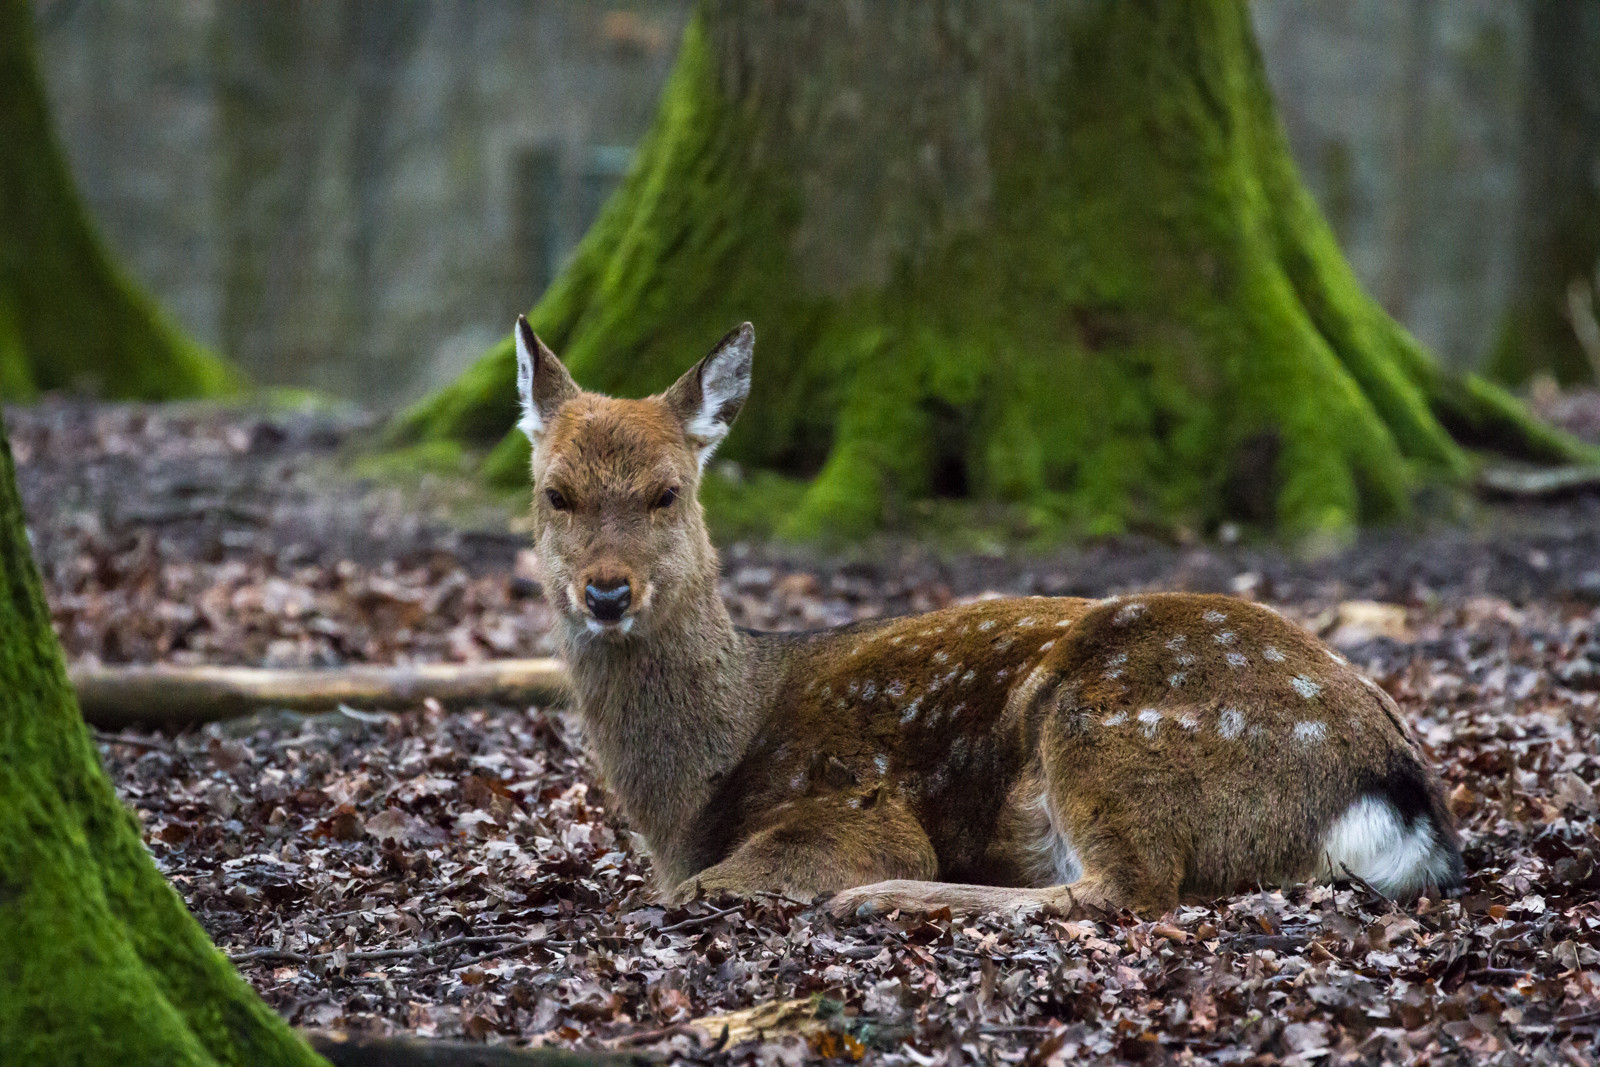 Freilaufendes Wild in grossen Teilen des Parks